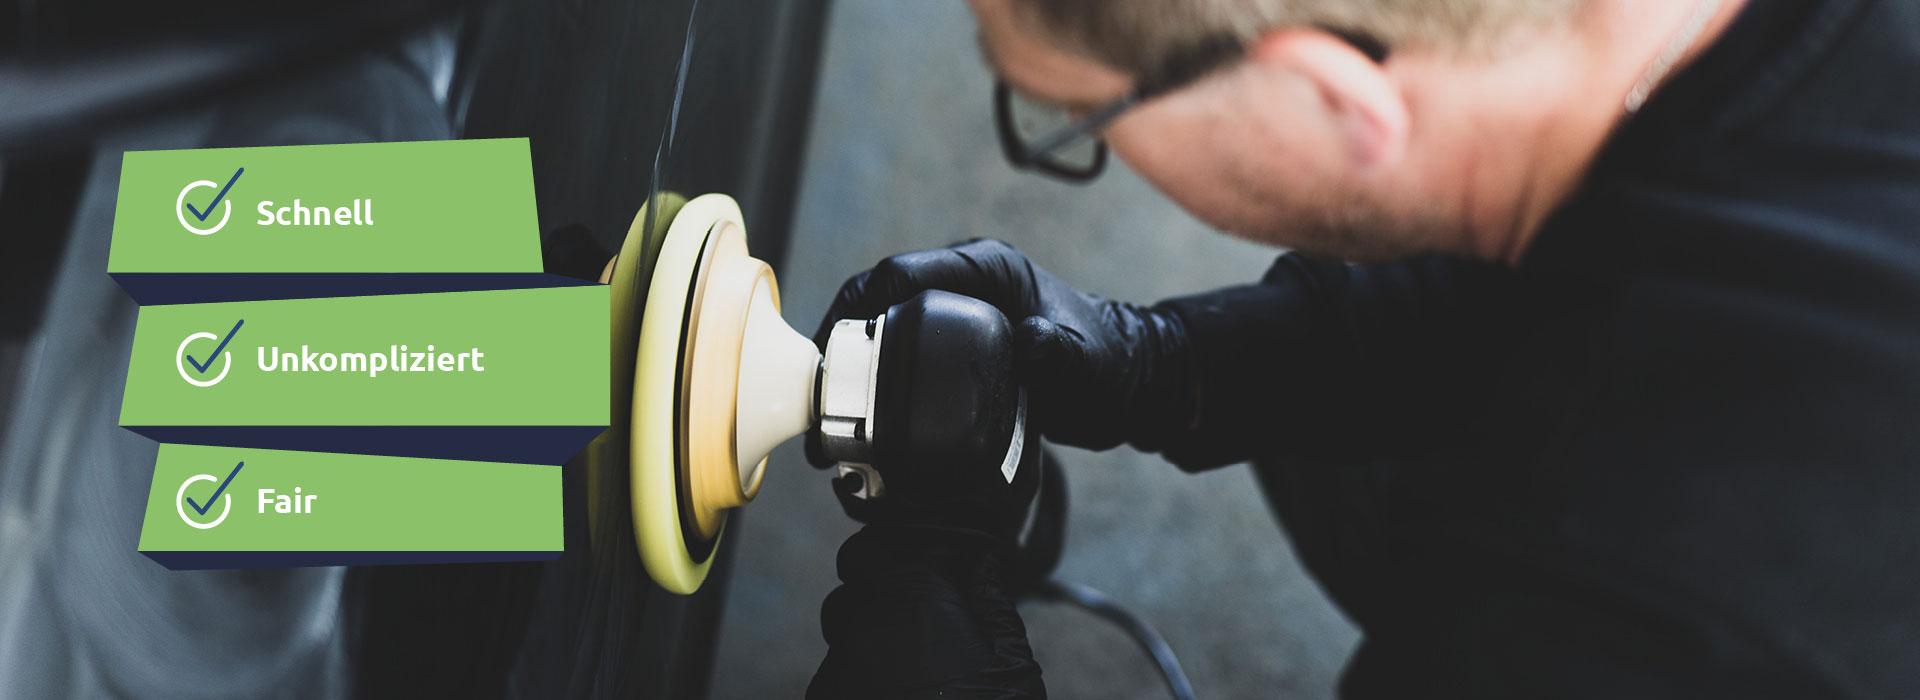 Smart Repair in Rostock bei Kleinschäden wie Lackkratzern, Brandlöchern im Sitzpolster und Dellen.